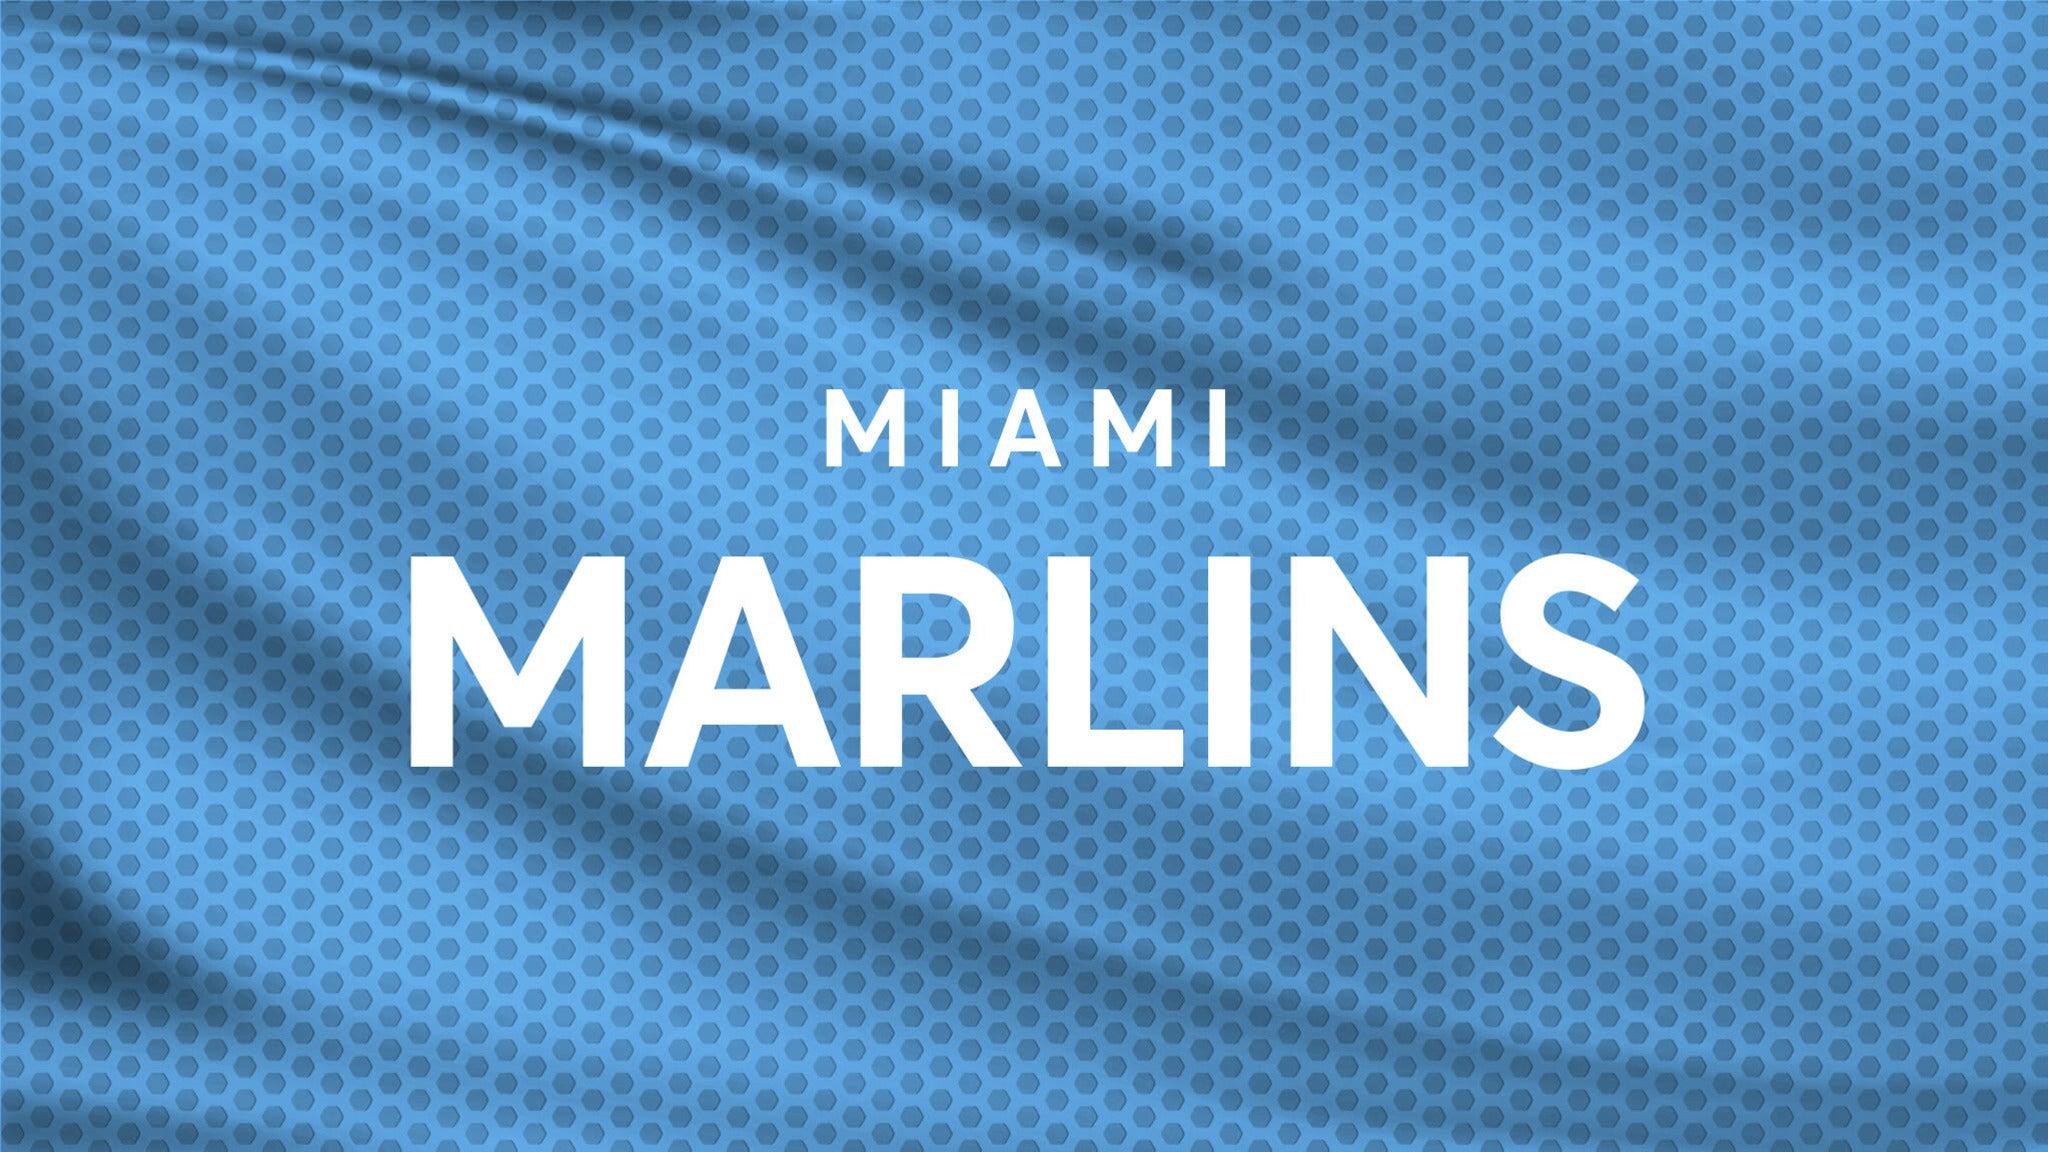 Miami Marlins vs. New York Yankees at LoanDepot Park